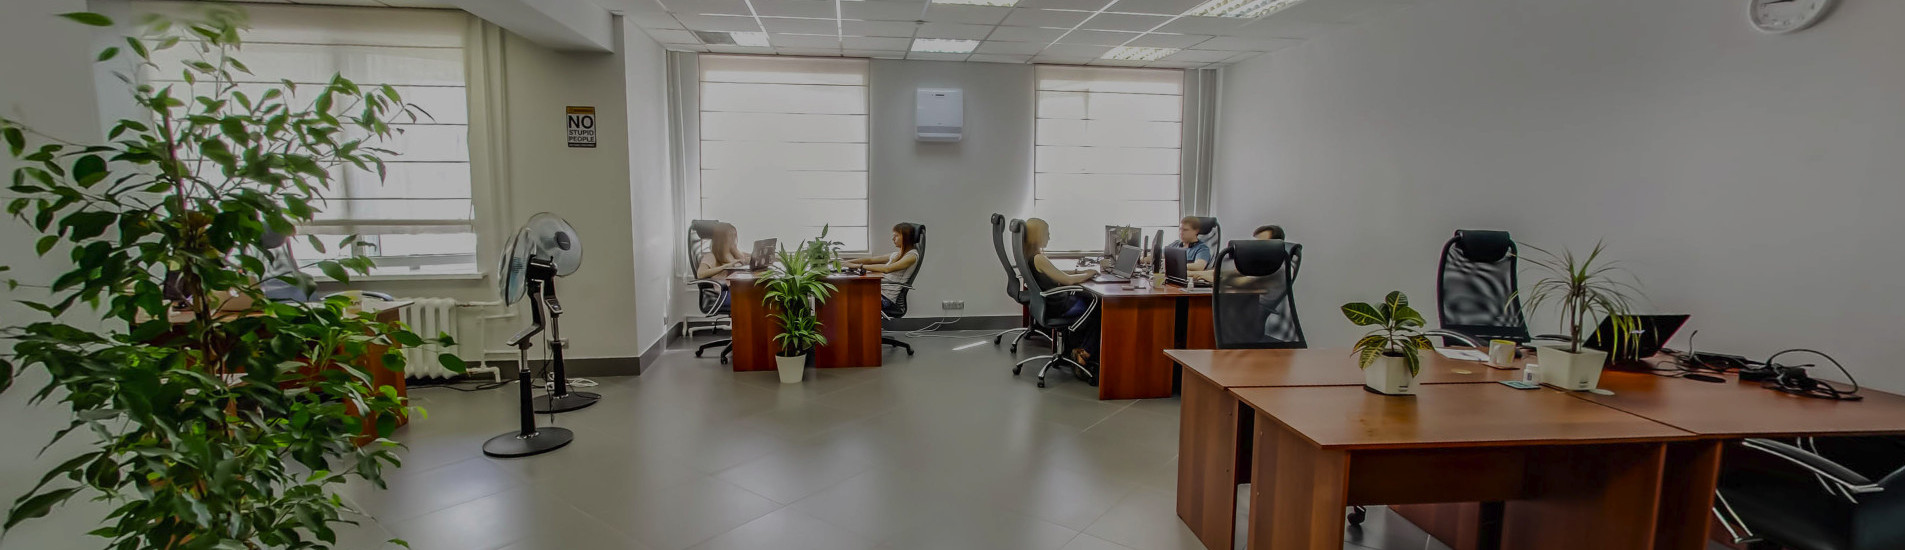 Andersen office in Penza, Russia